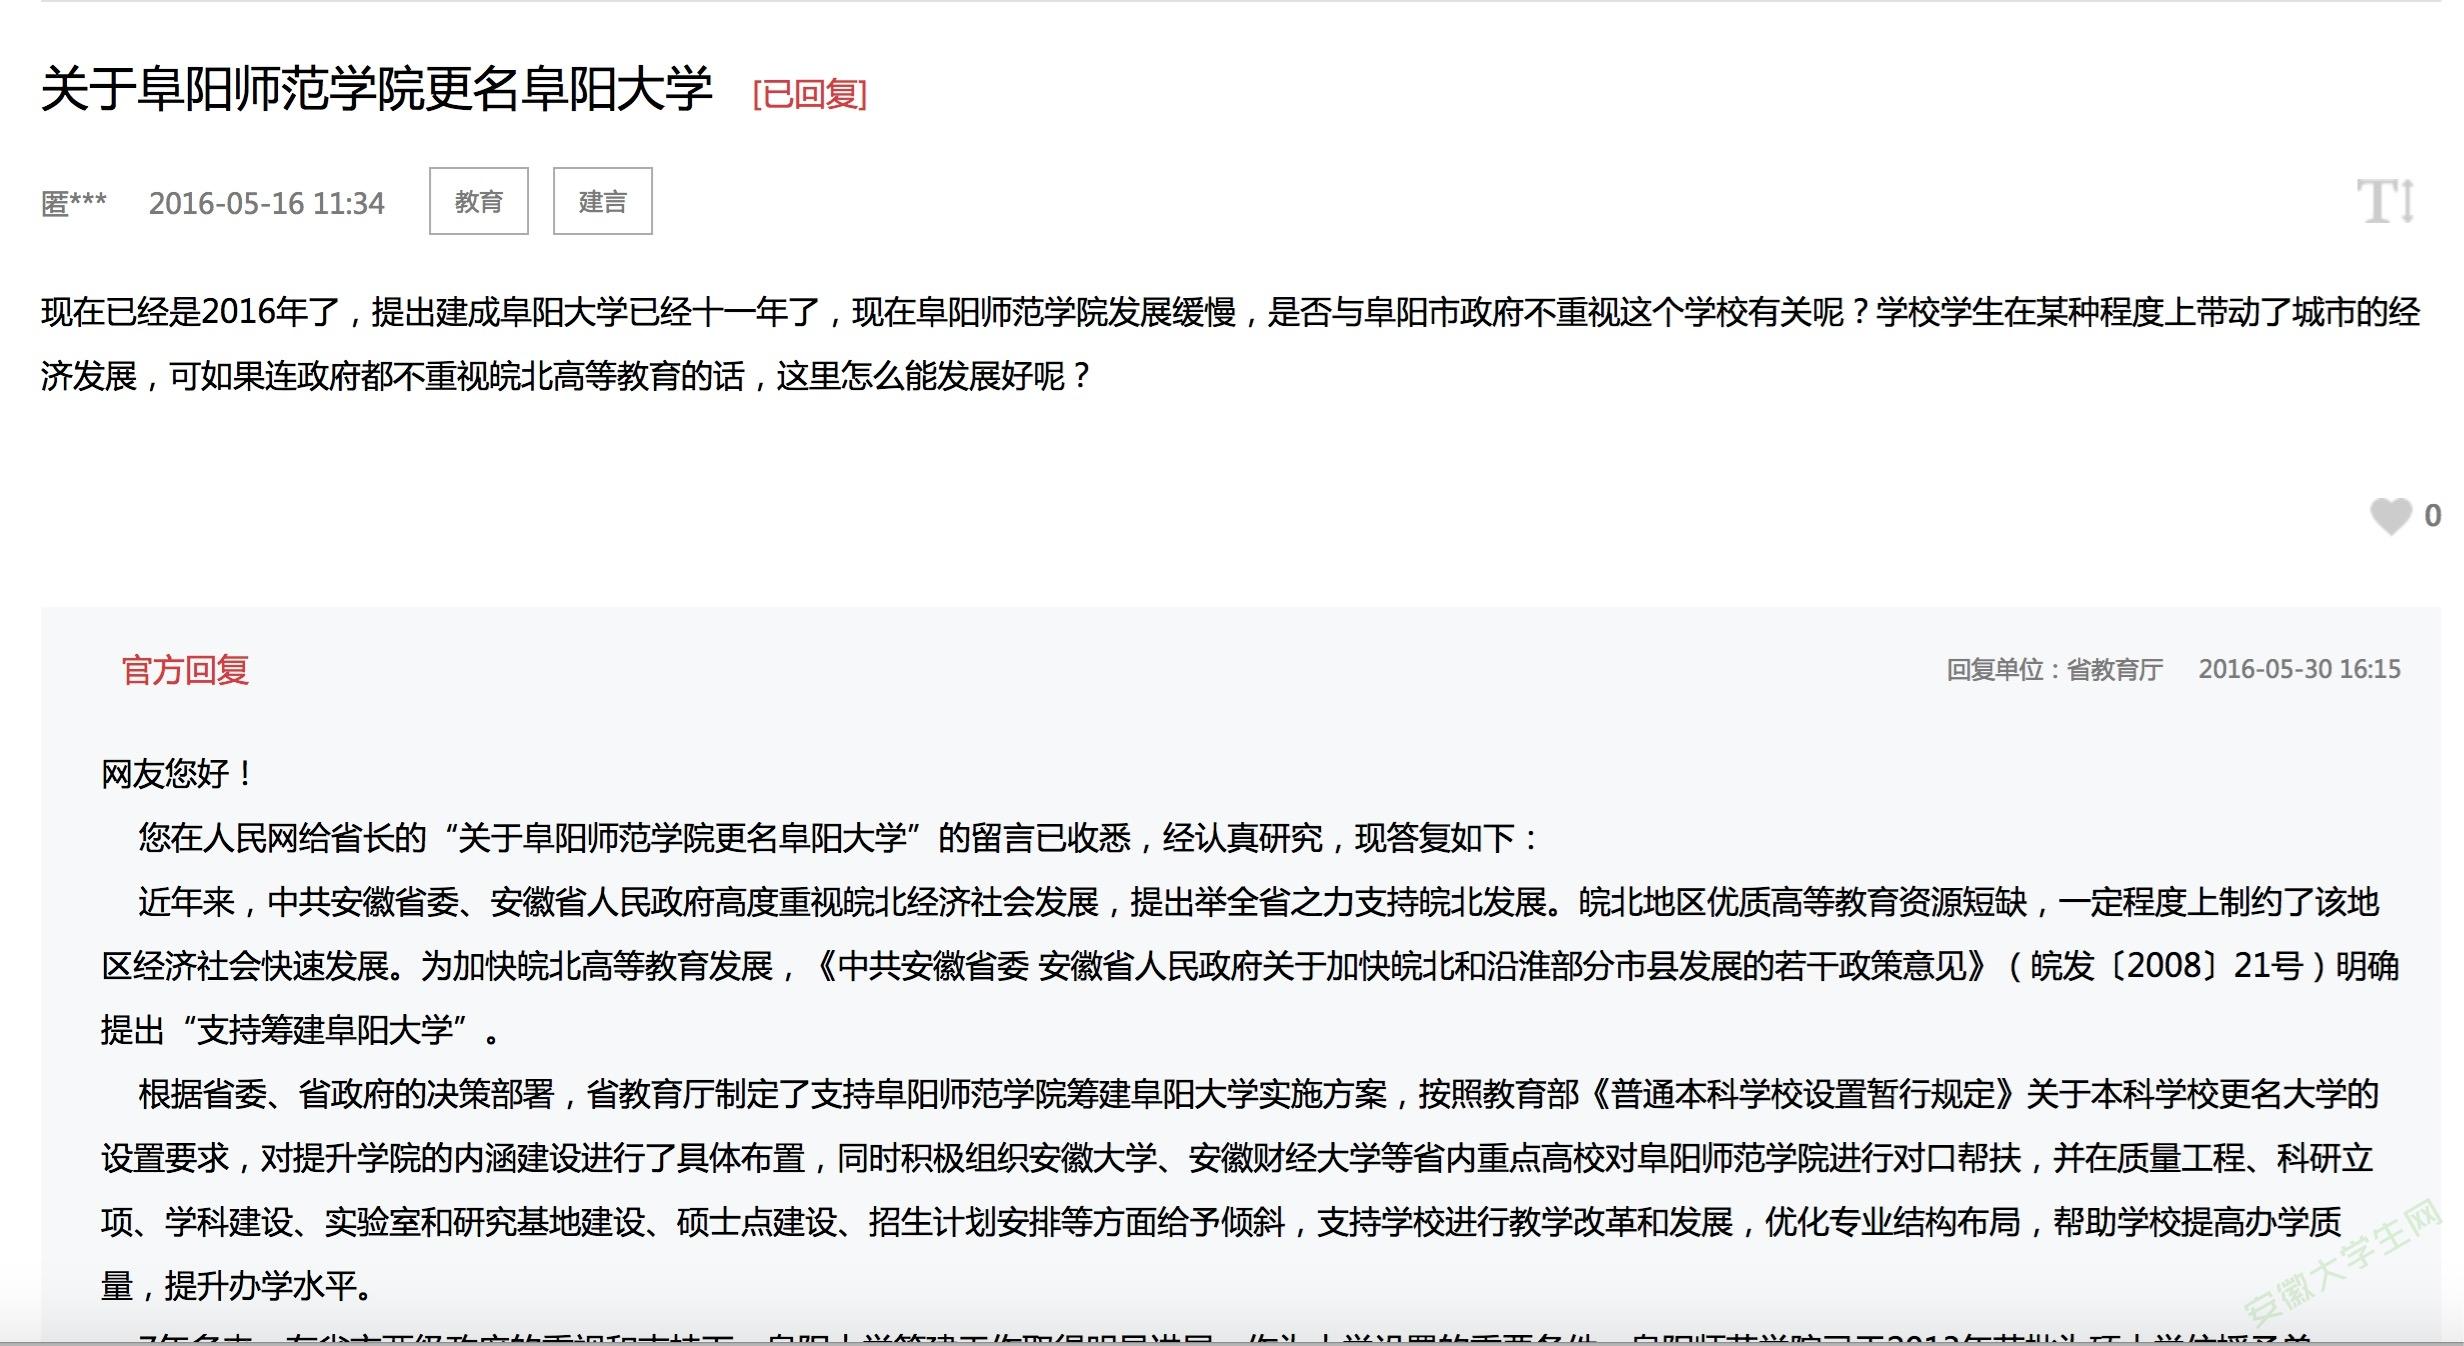 阜阳师范学院更名为阜阳大学最新进展 安徽省教育厅披露